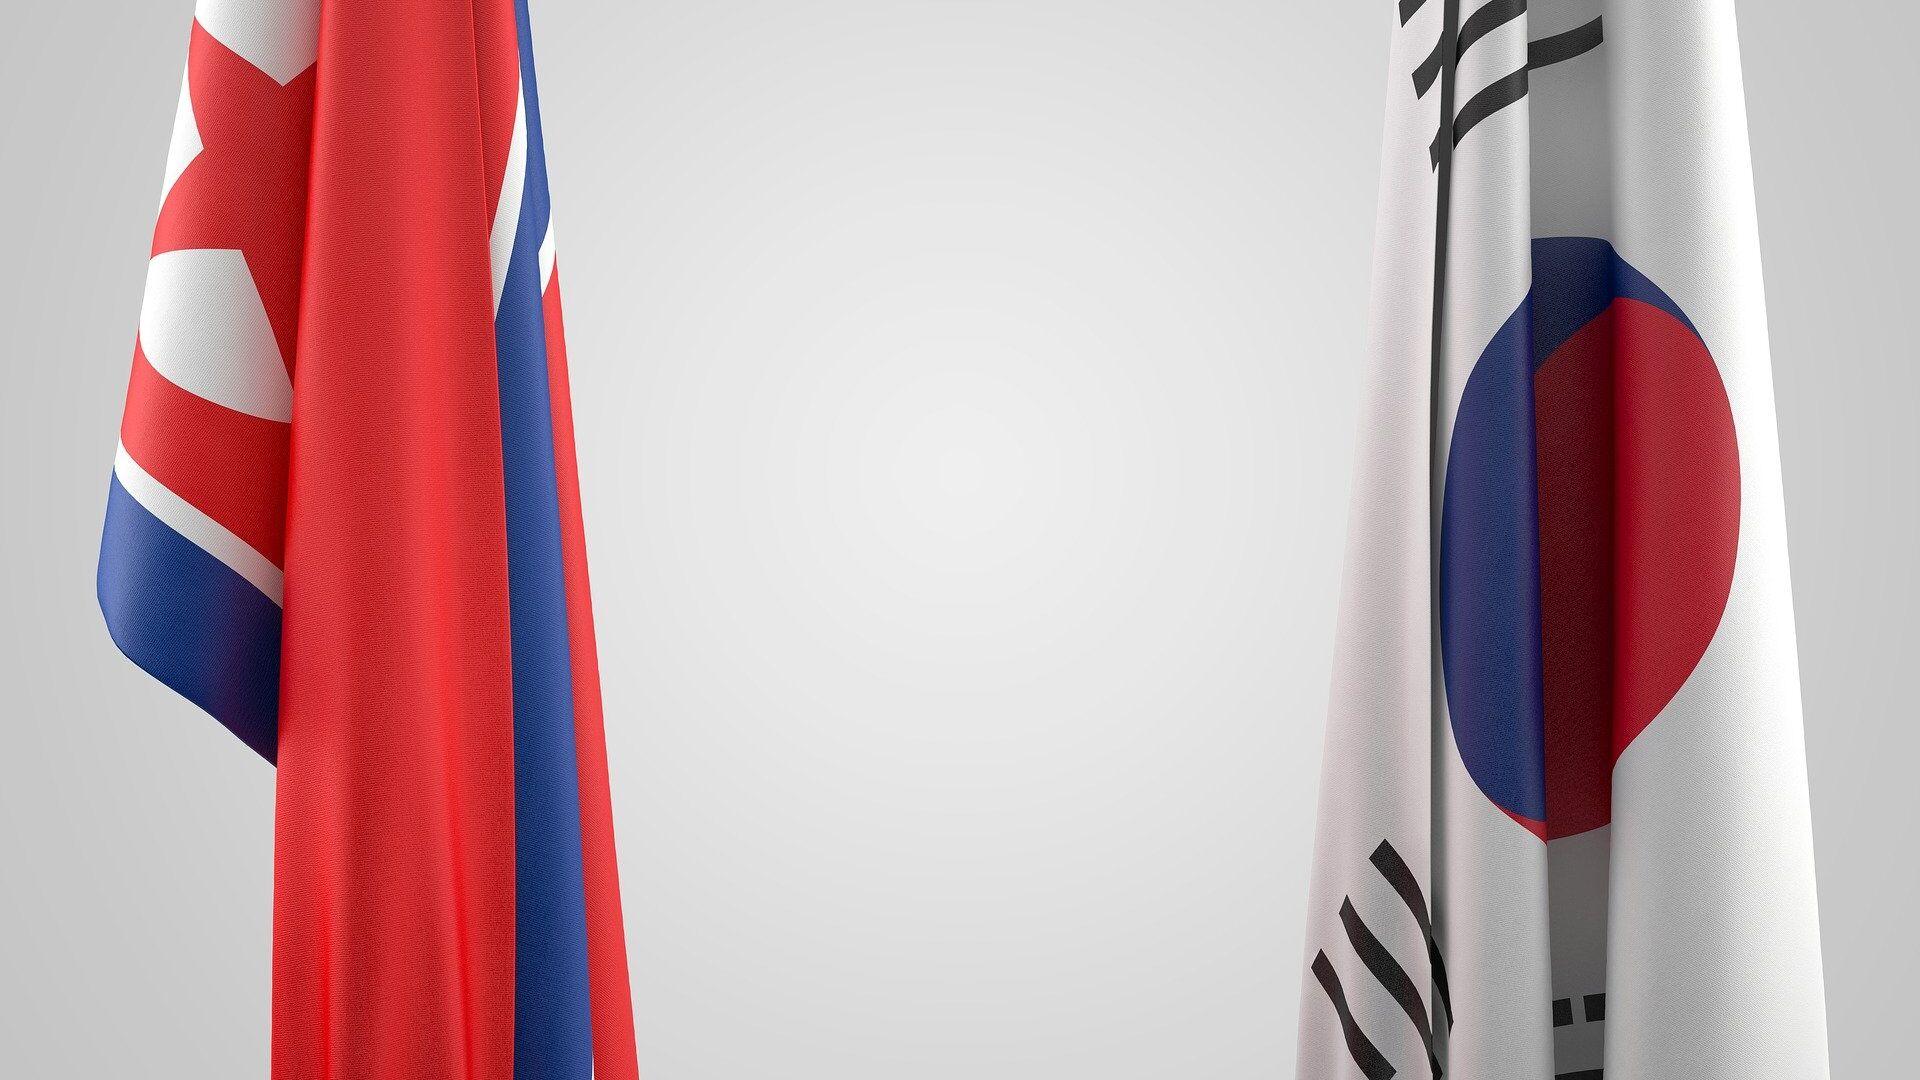 Las banderas de Corea del Norte y Corea del Sur - Sputnik Mundo, 1920, 30.07.2021